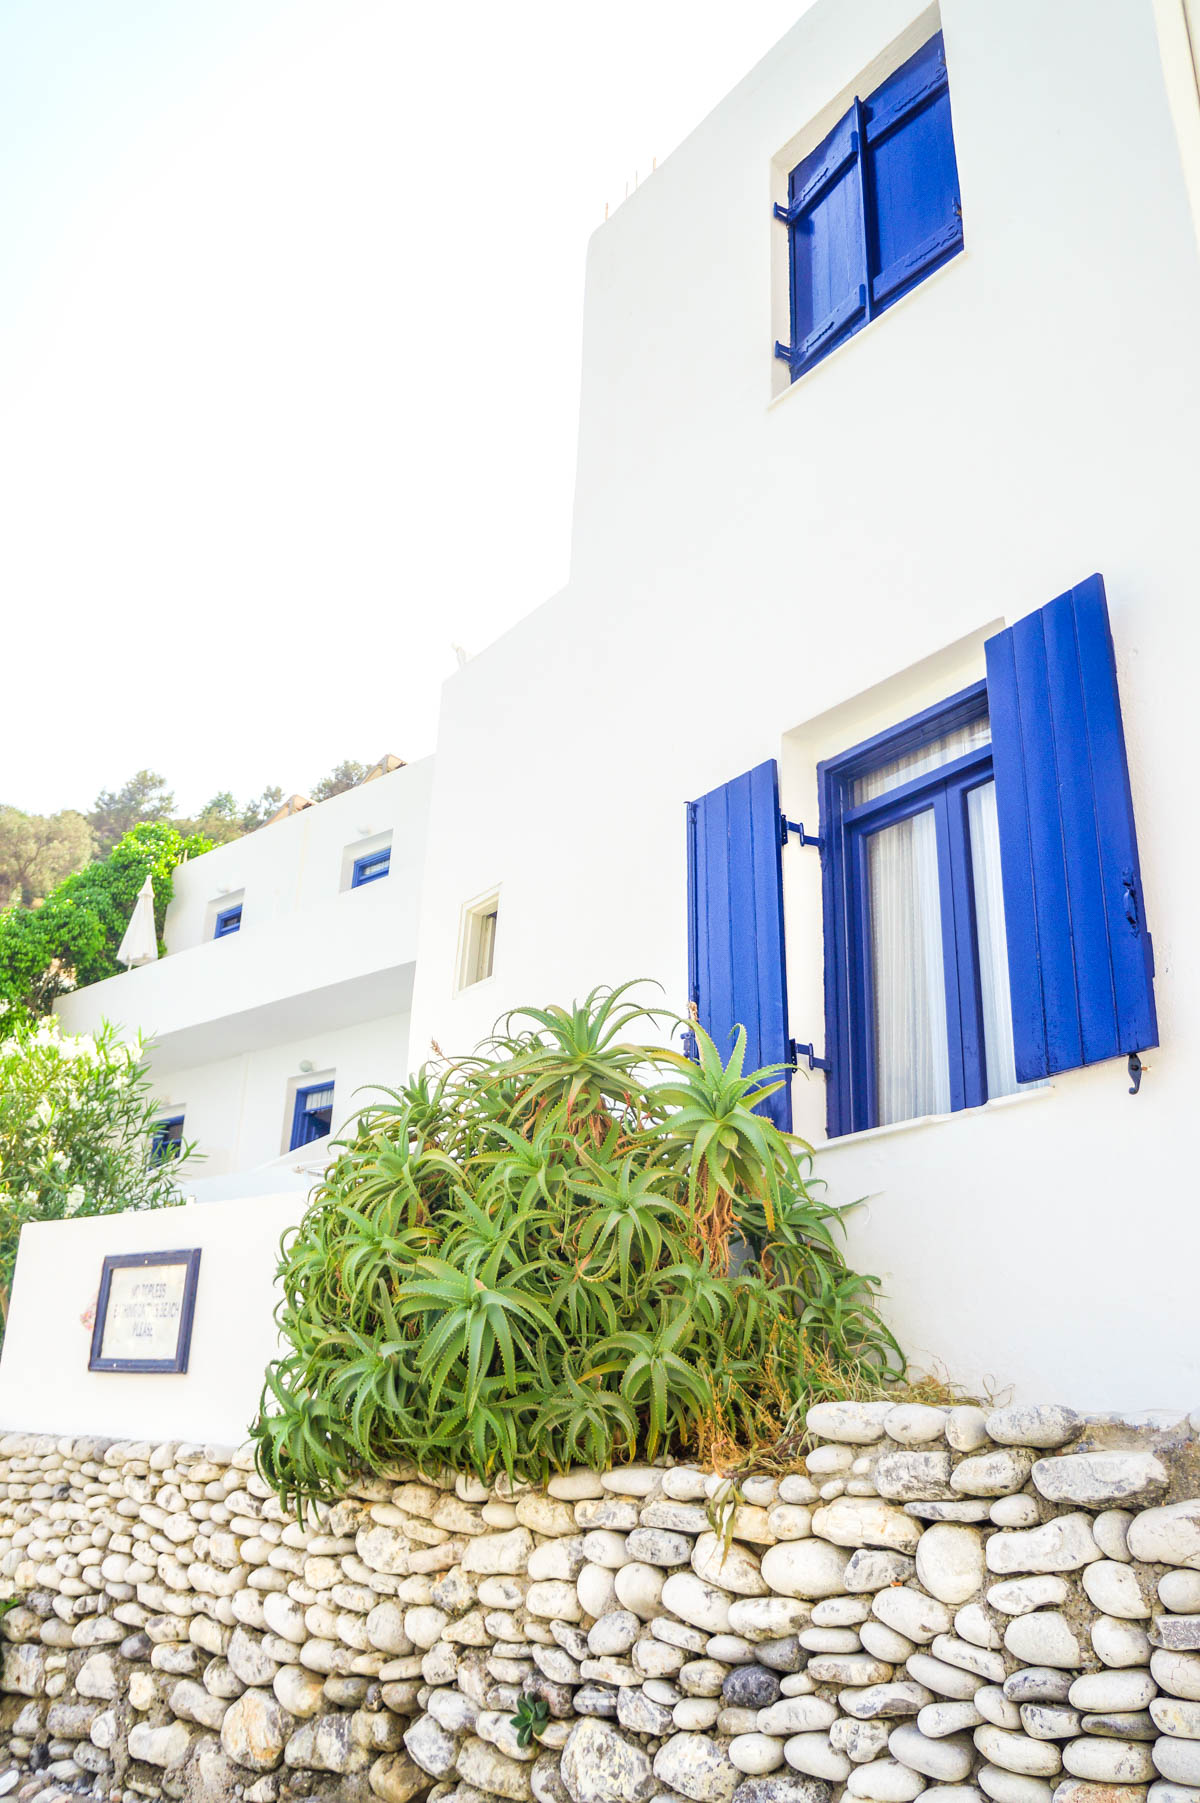 loutro-crete-greece-la-vie-en-blog-all-rights-reserved-20